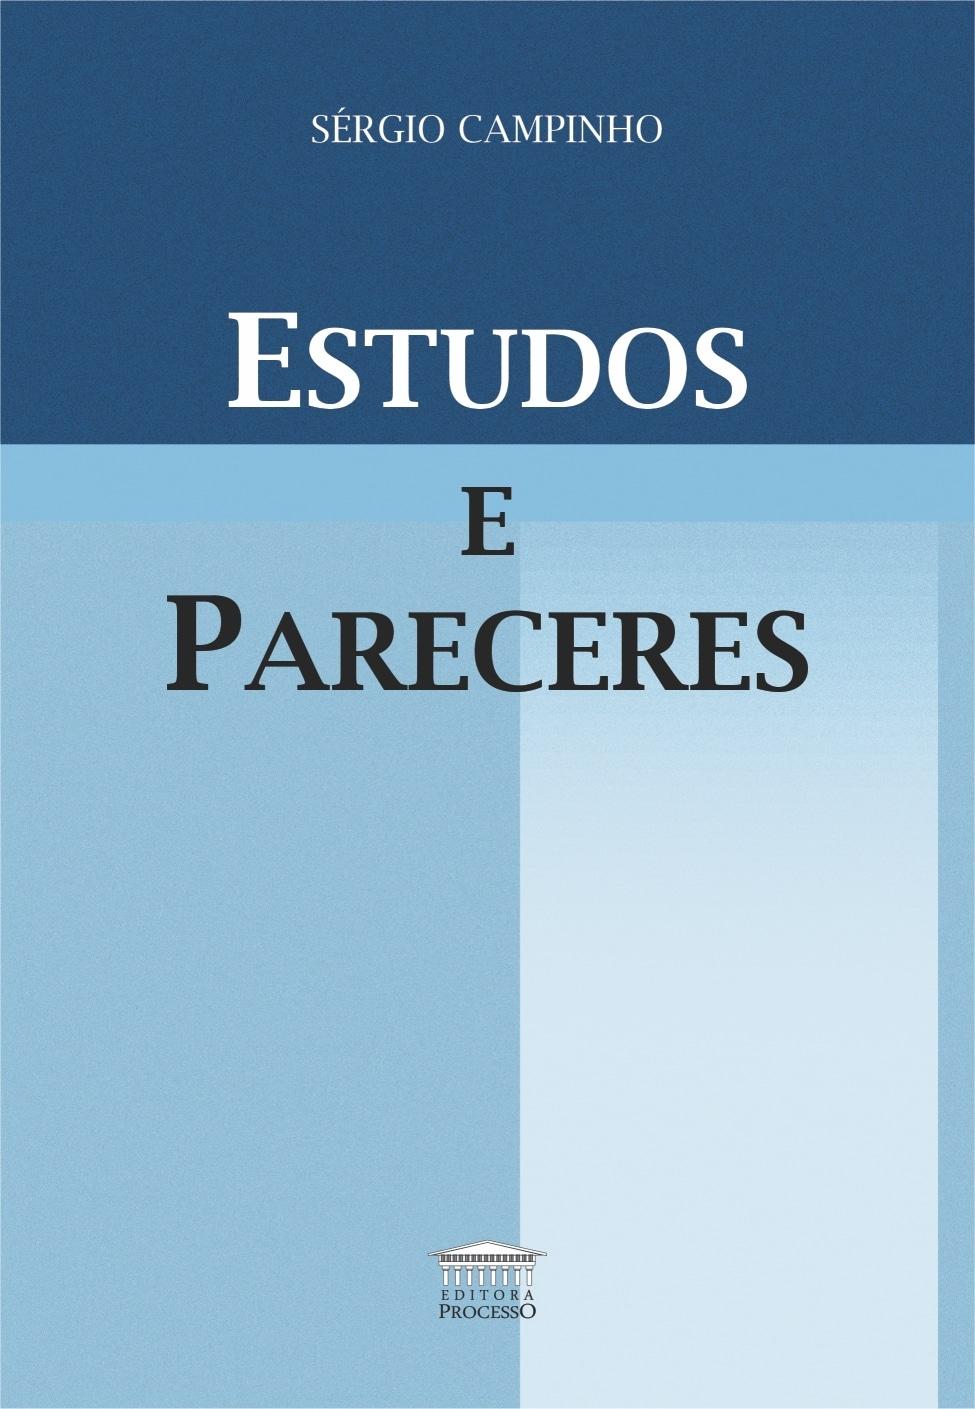 ESTUDOS E PARECERES